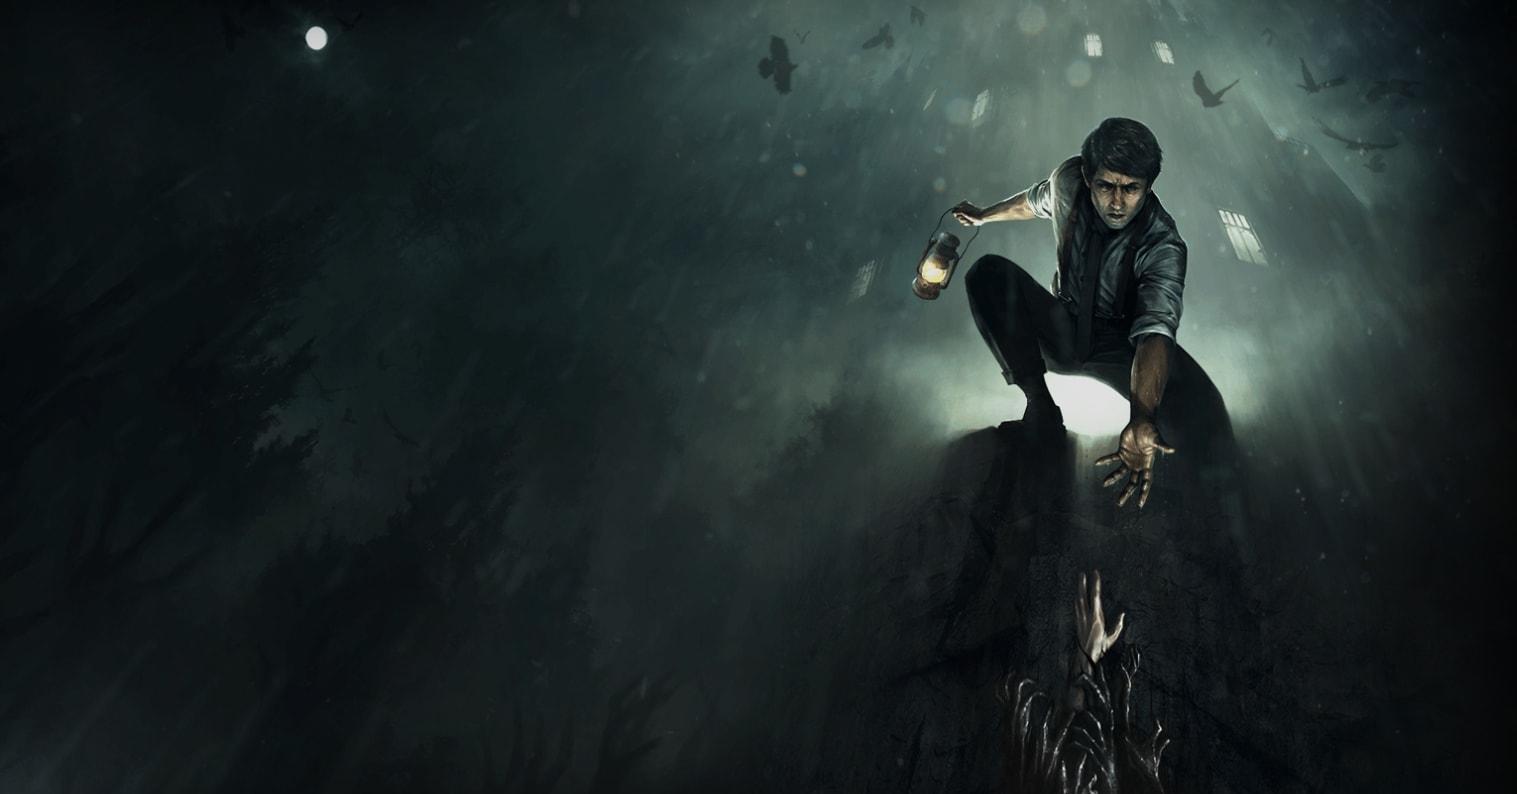 Ремейк Black Mirror: небезызвестный и атмосферный готический хоррор